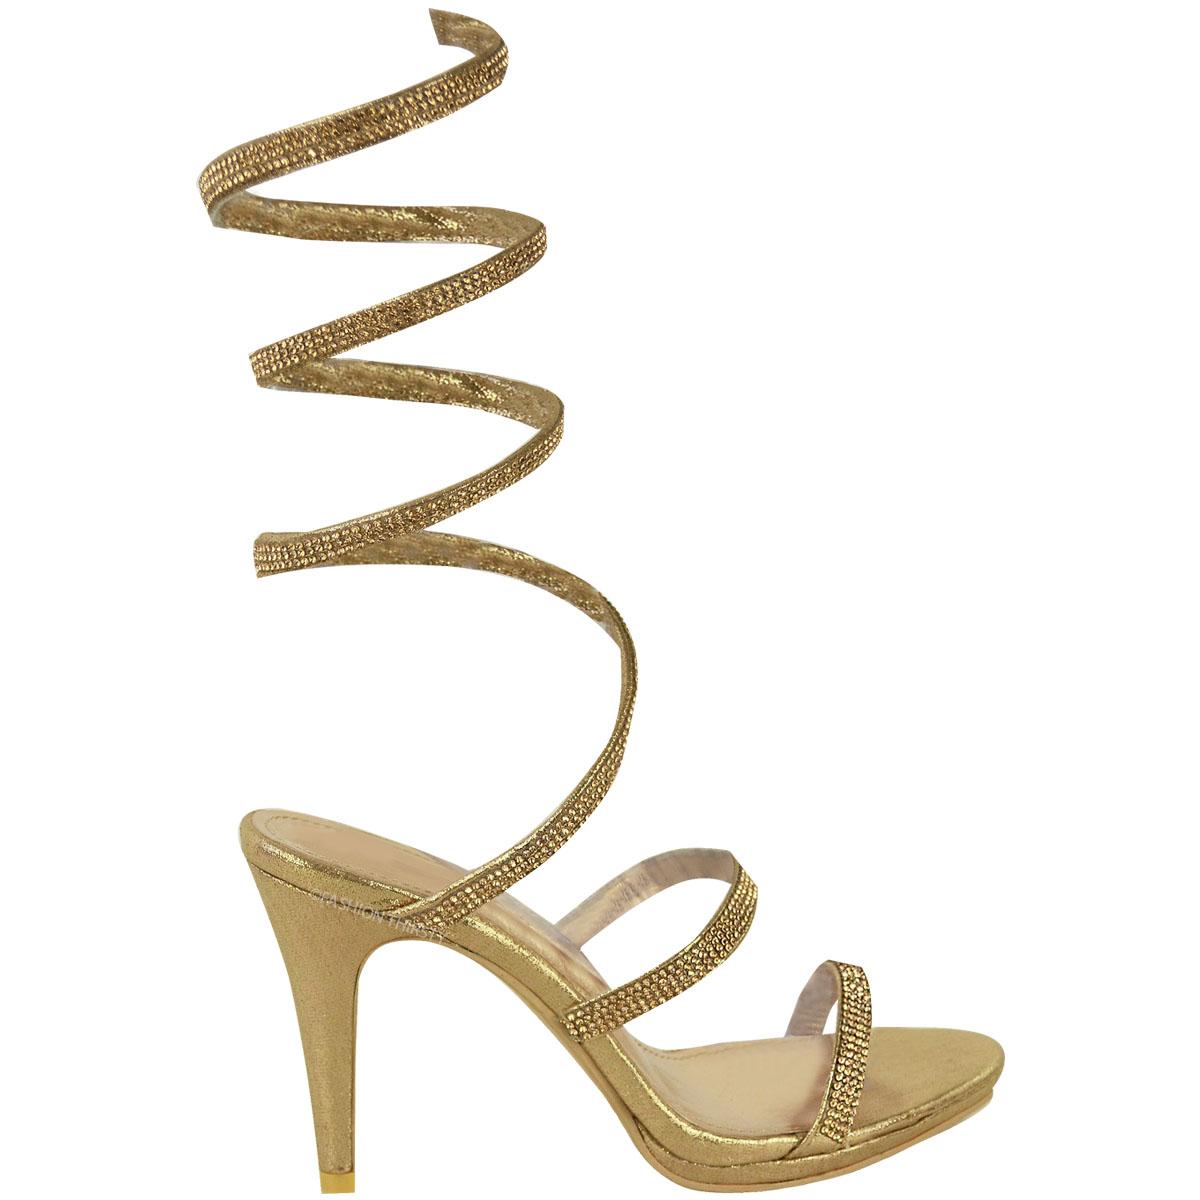 Boot Sandals: Gladiator Sandals Celebrity